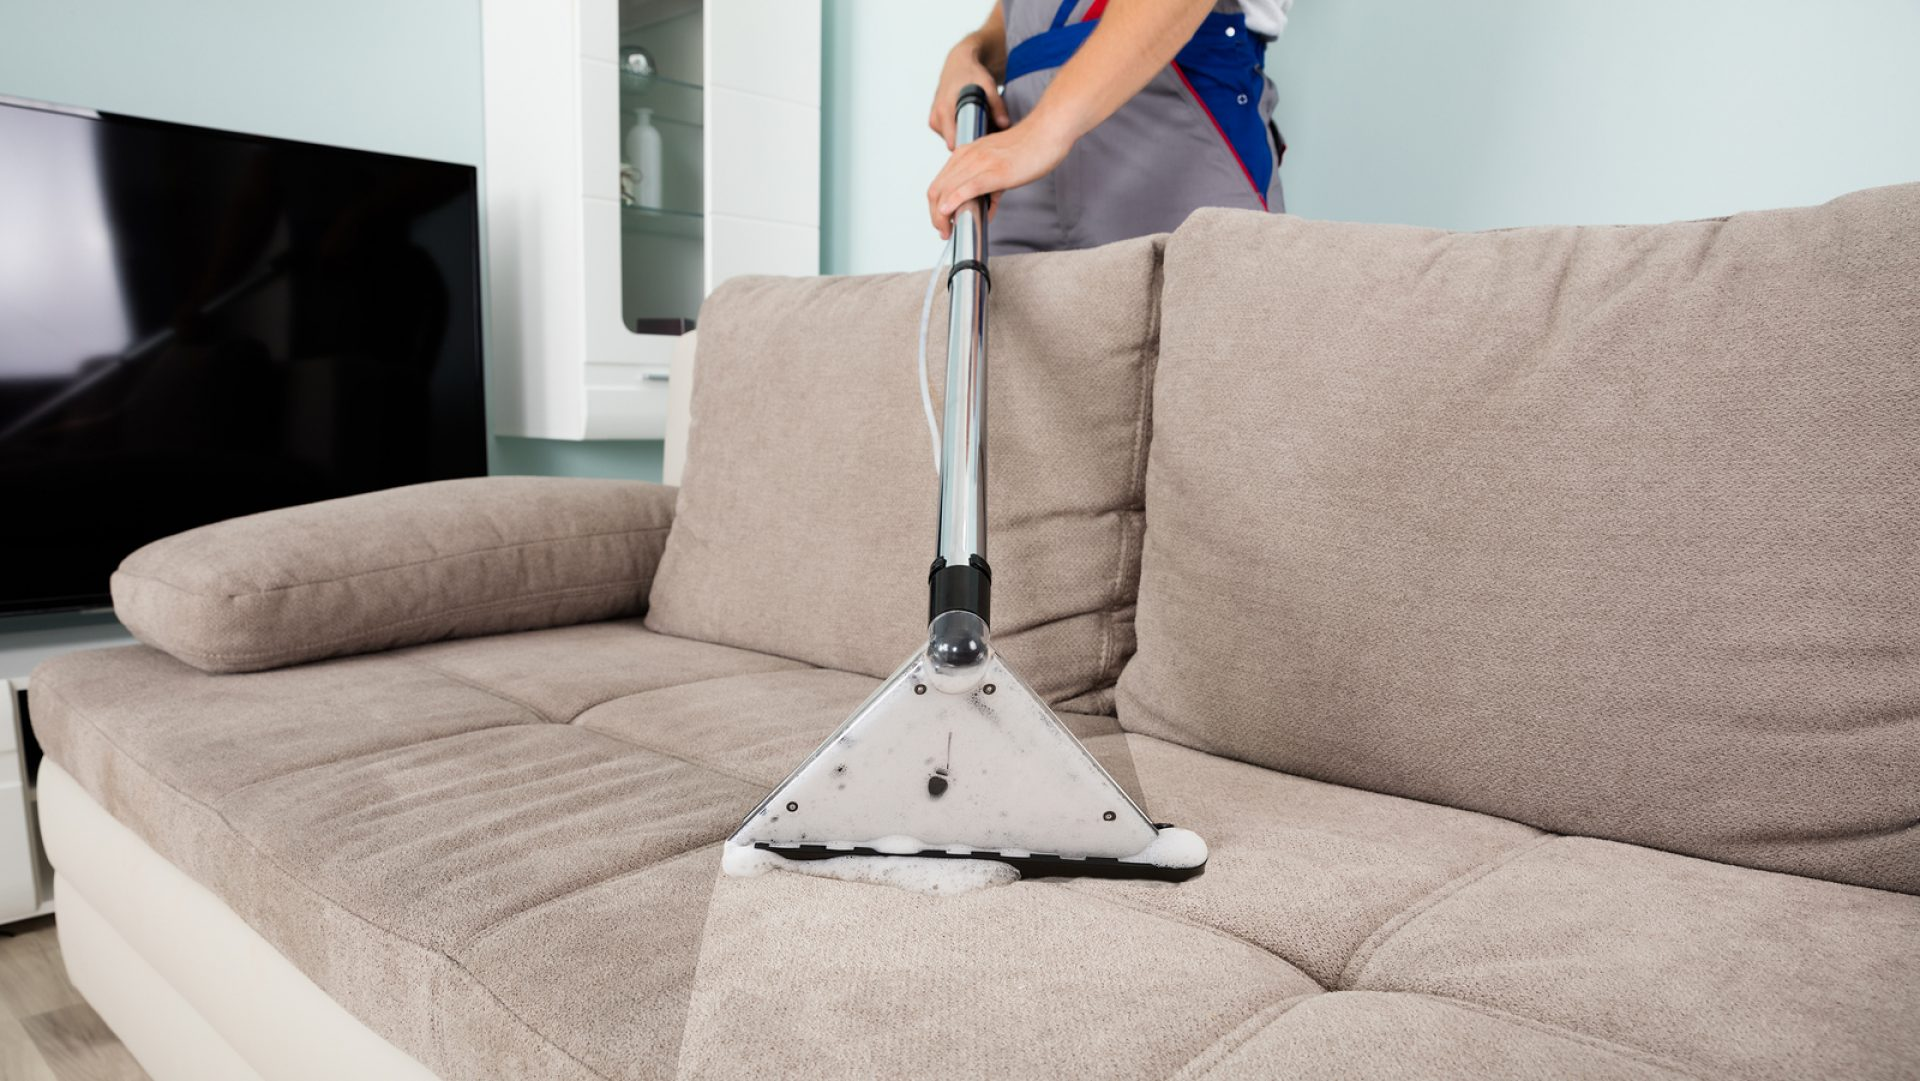 Правильная химчистка дивана